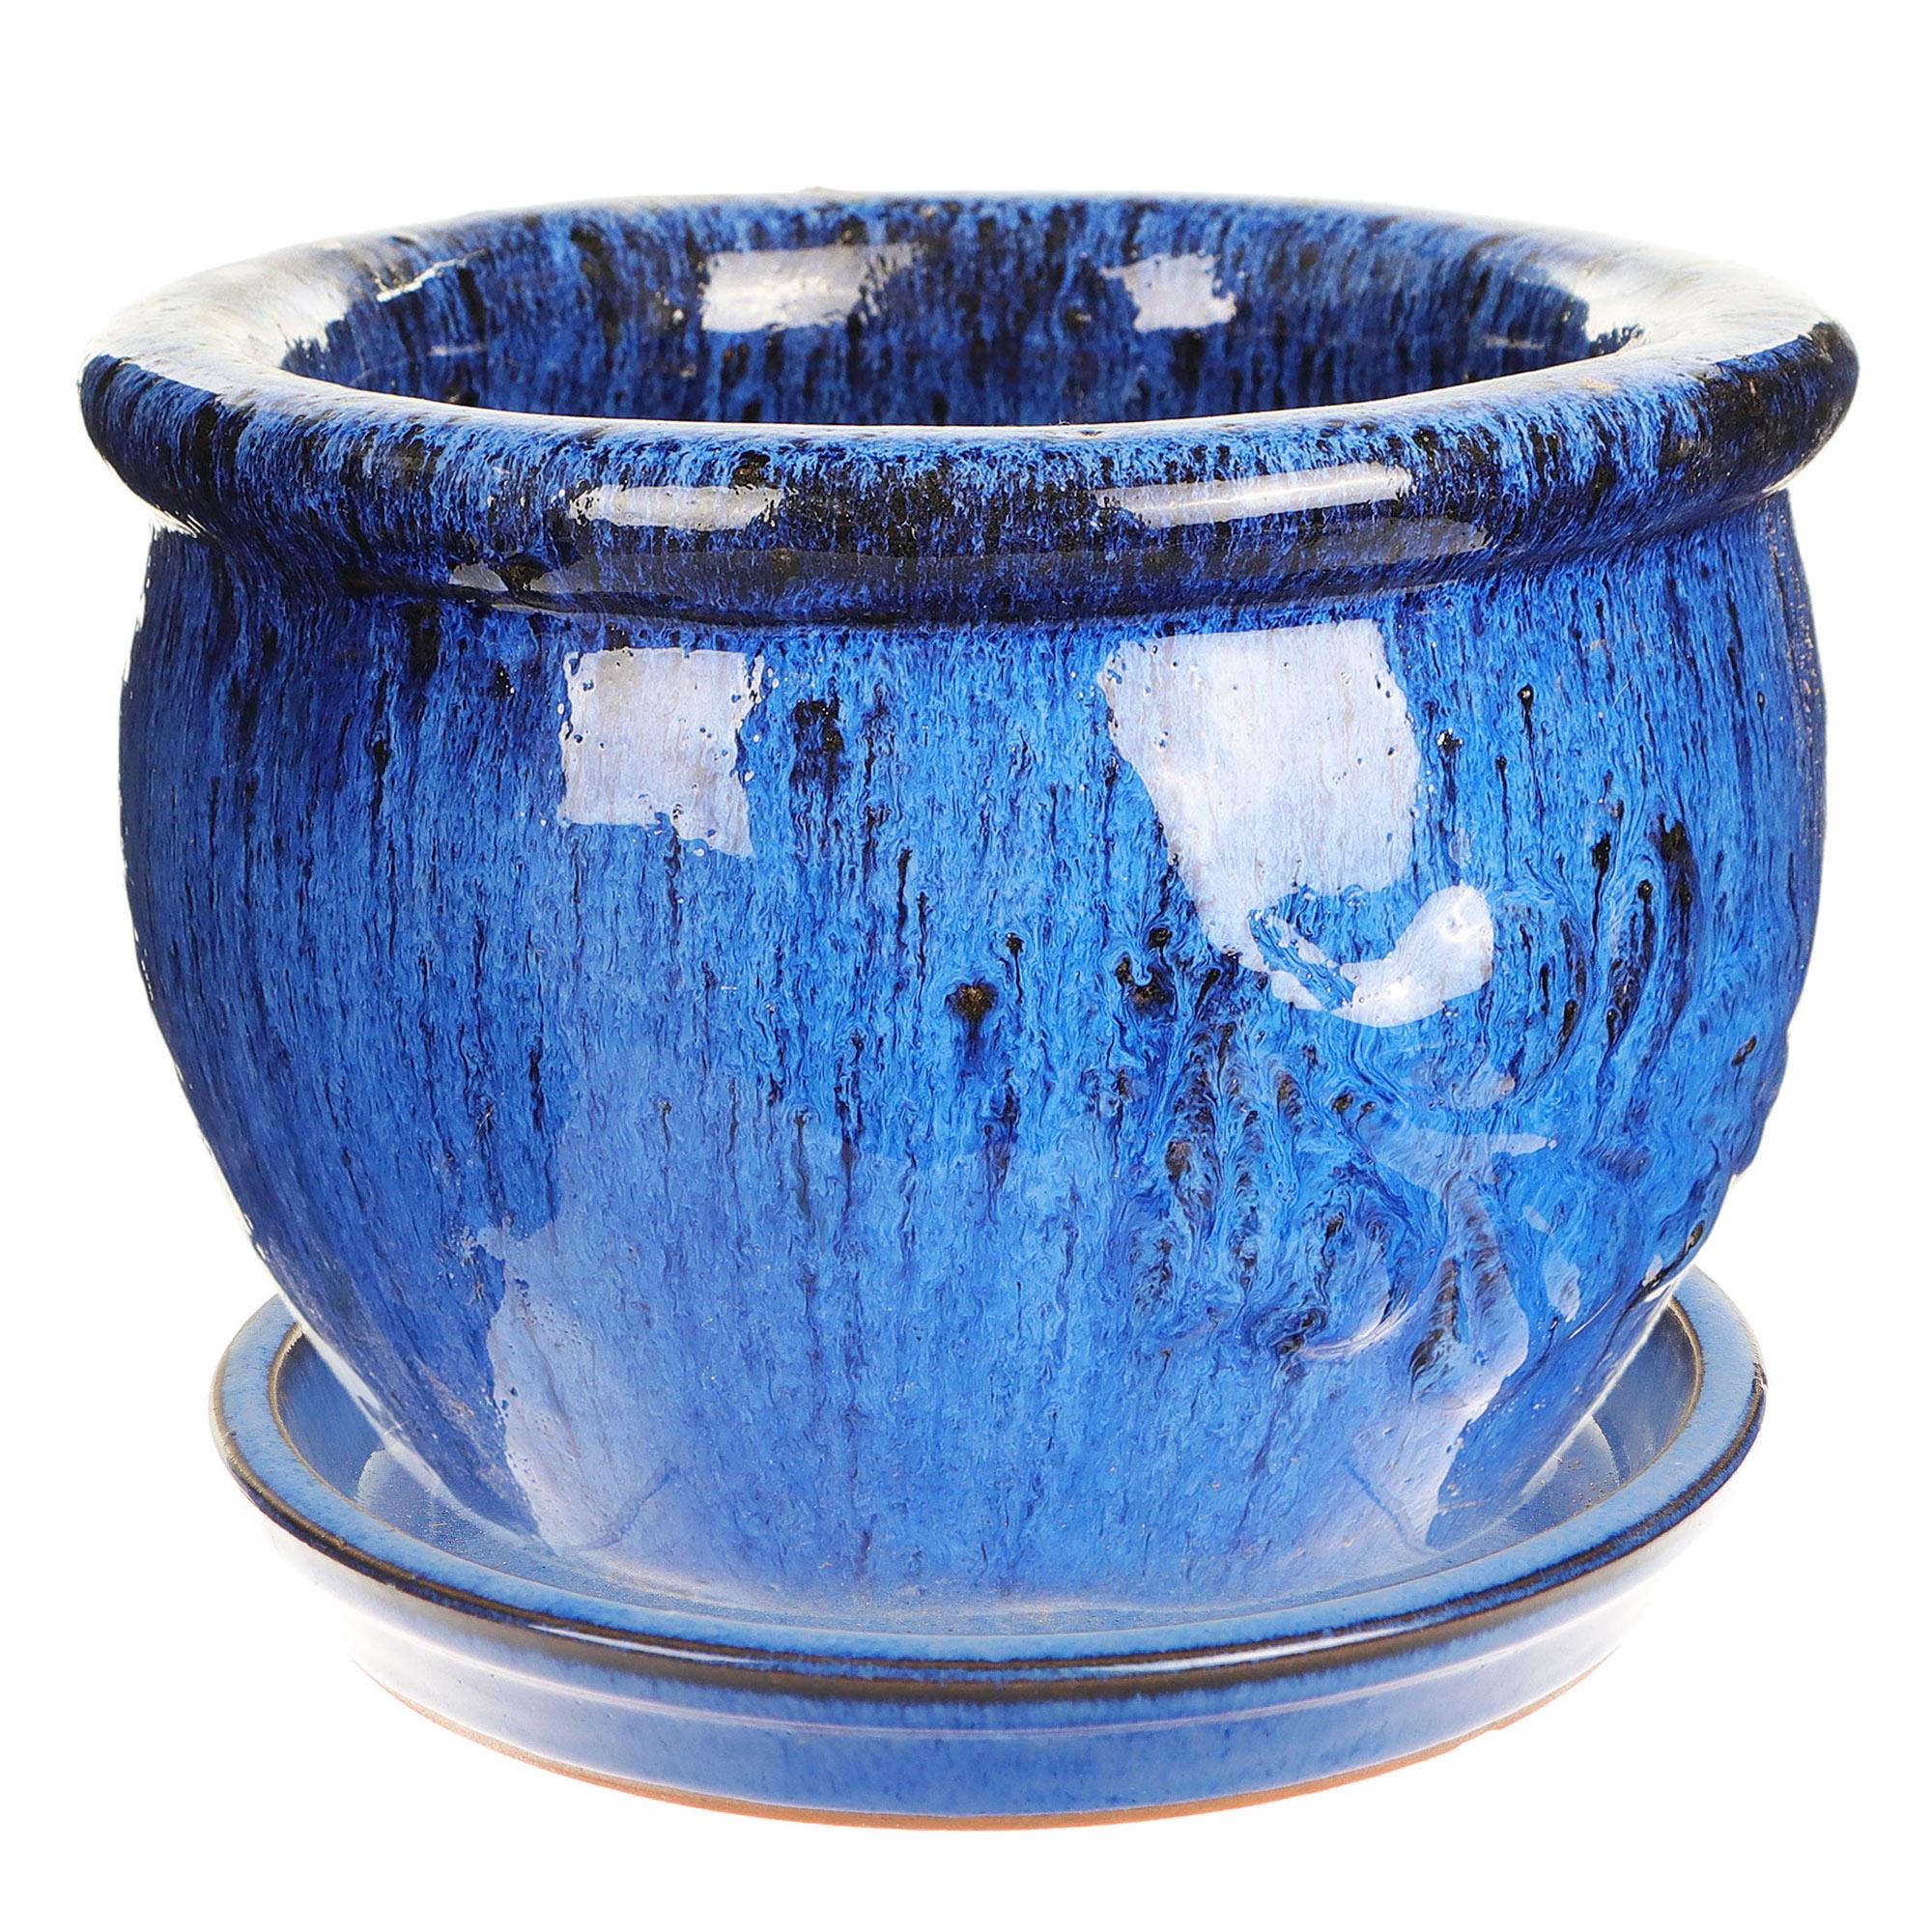 Горшок Hoang pottery олива 28x19 см синий c поддоном